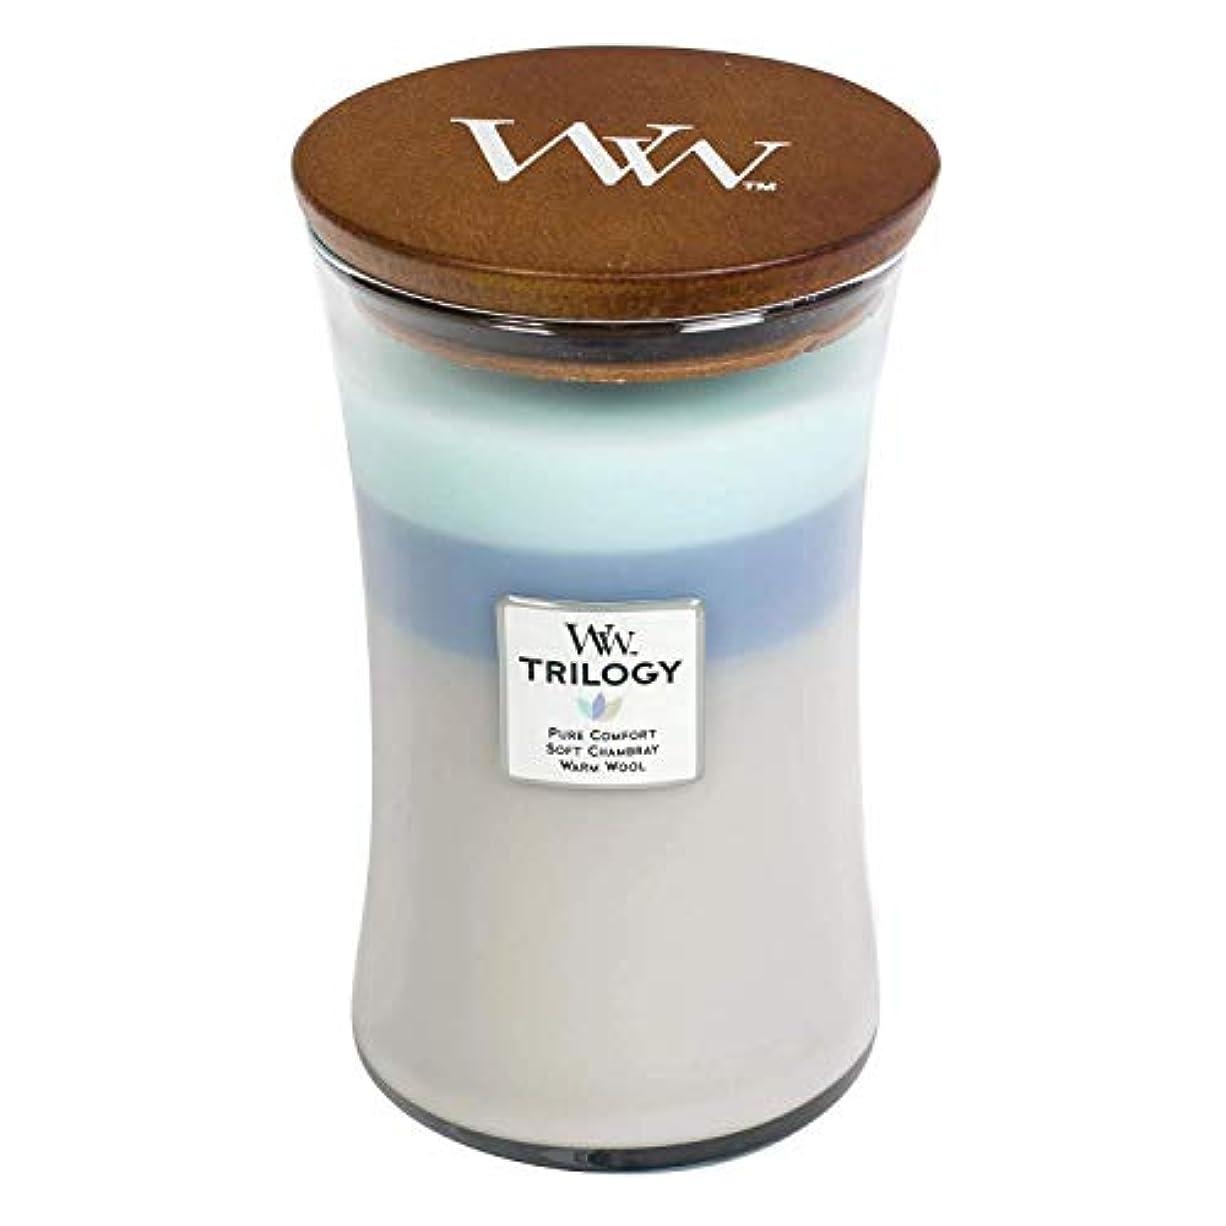 残高手のひらレルムWoven Comforts WoodWick Trilogy 22オンス香りつきJarキャンドル – 3 in 1つ